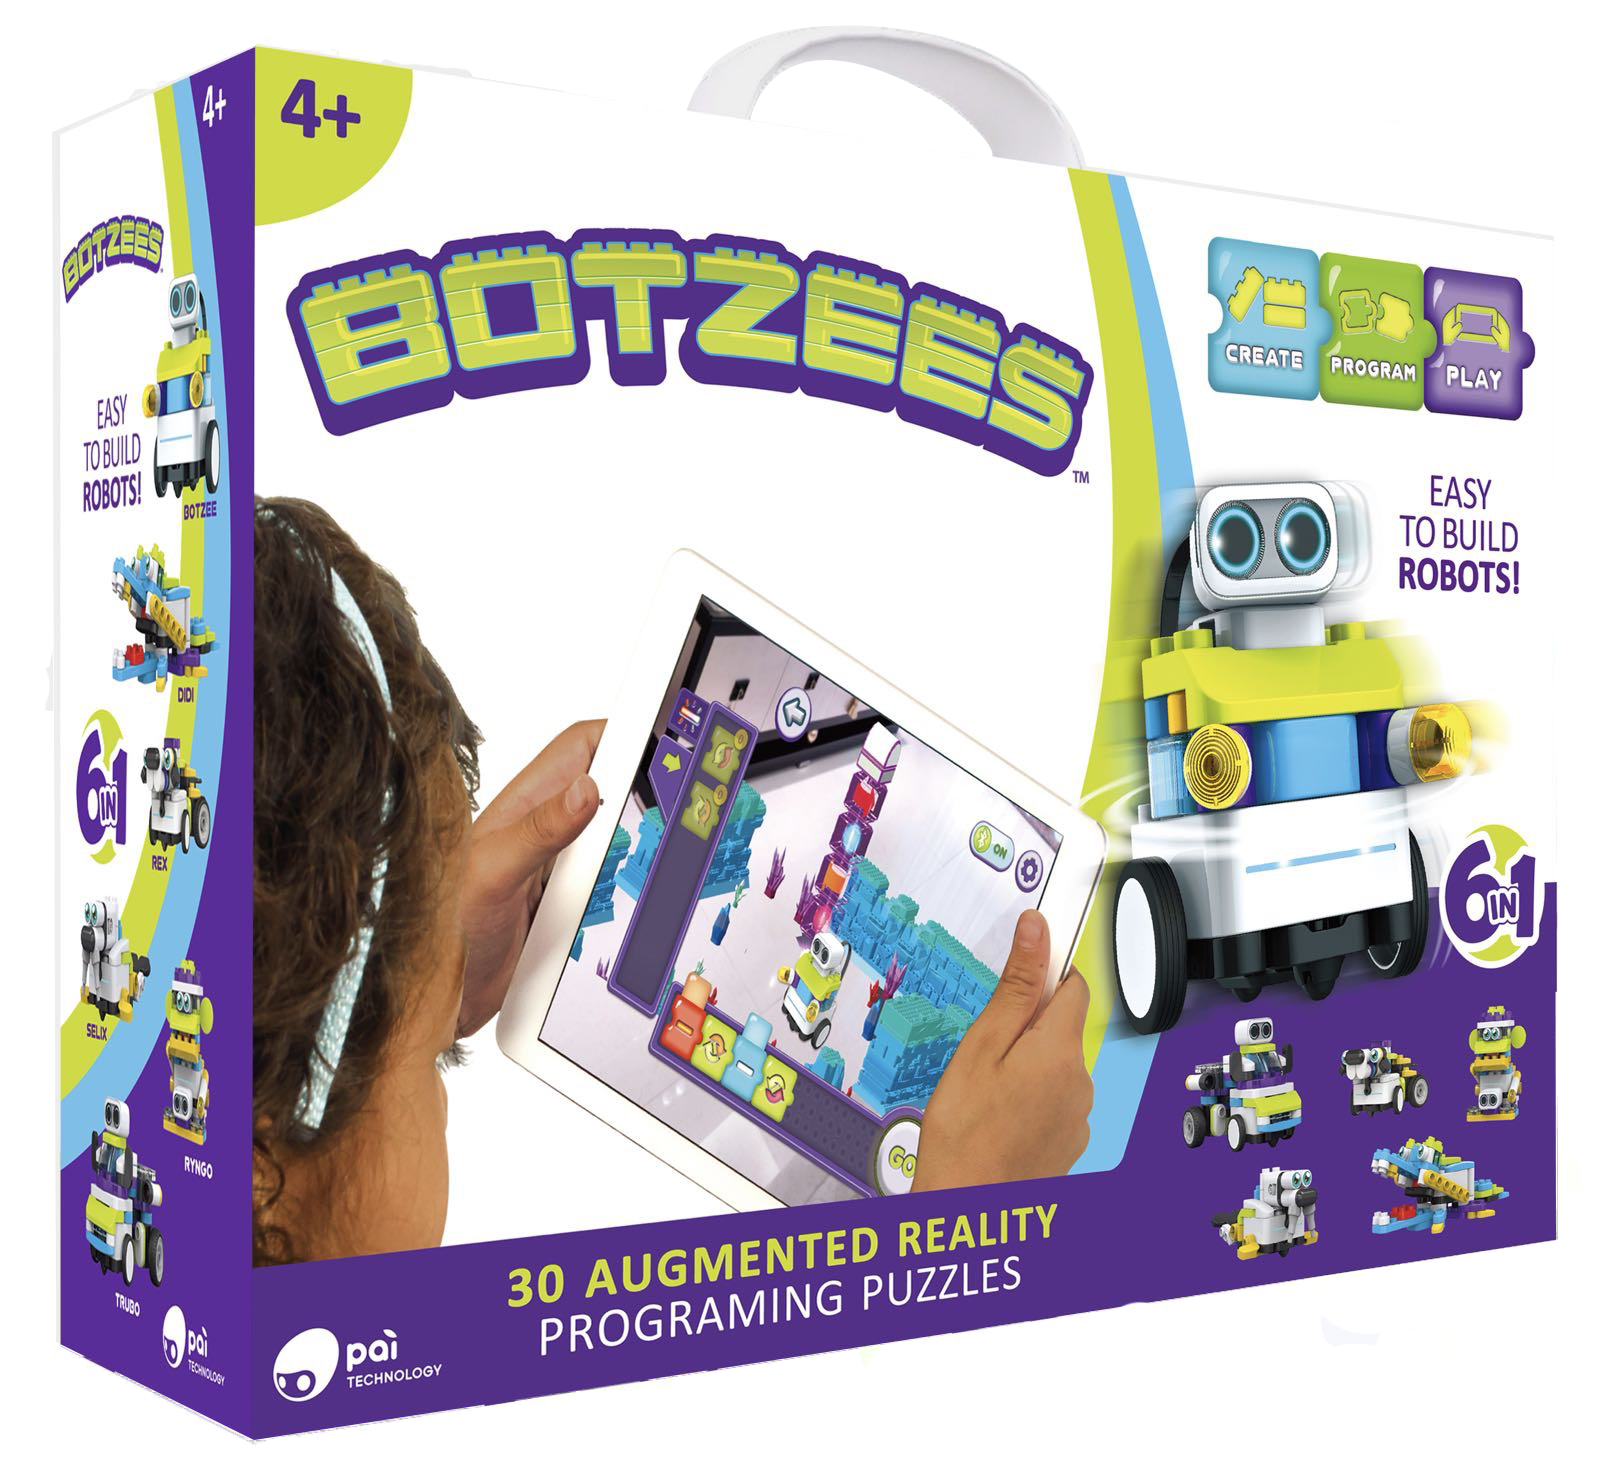 TOP-Image-Botzees